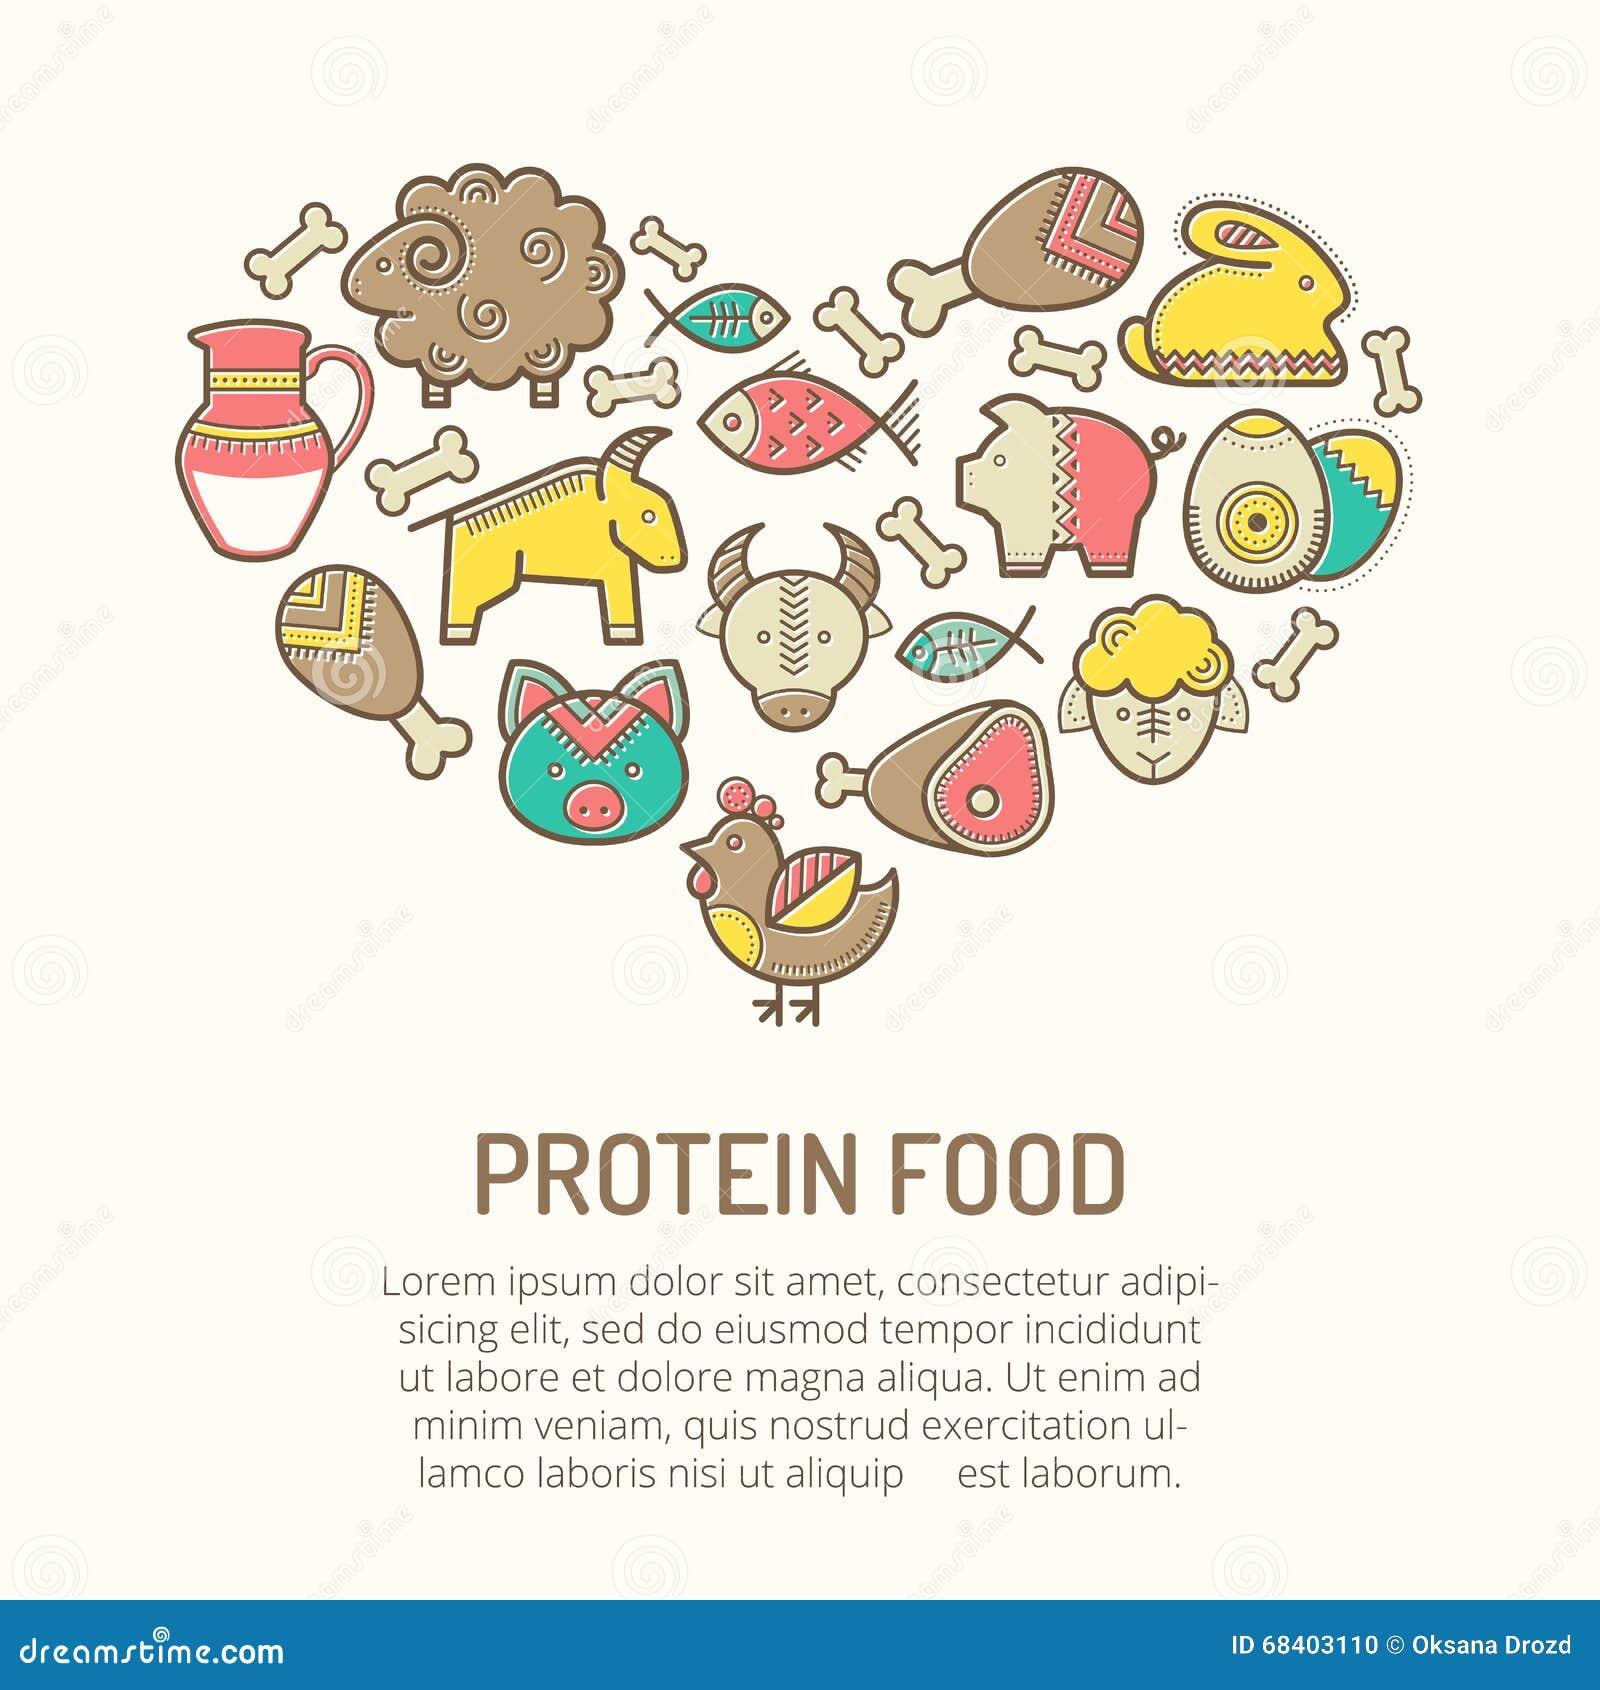 Vector Illustration mit den umrissenen Lebensmittelikonen, die eine Herzform bilden